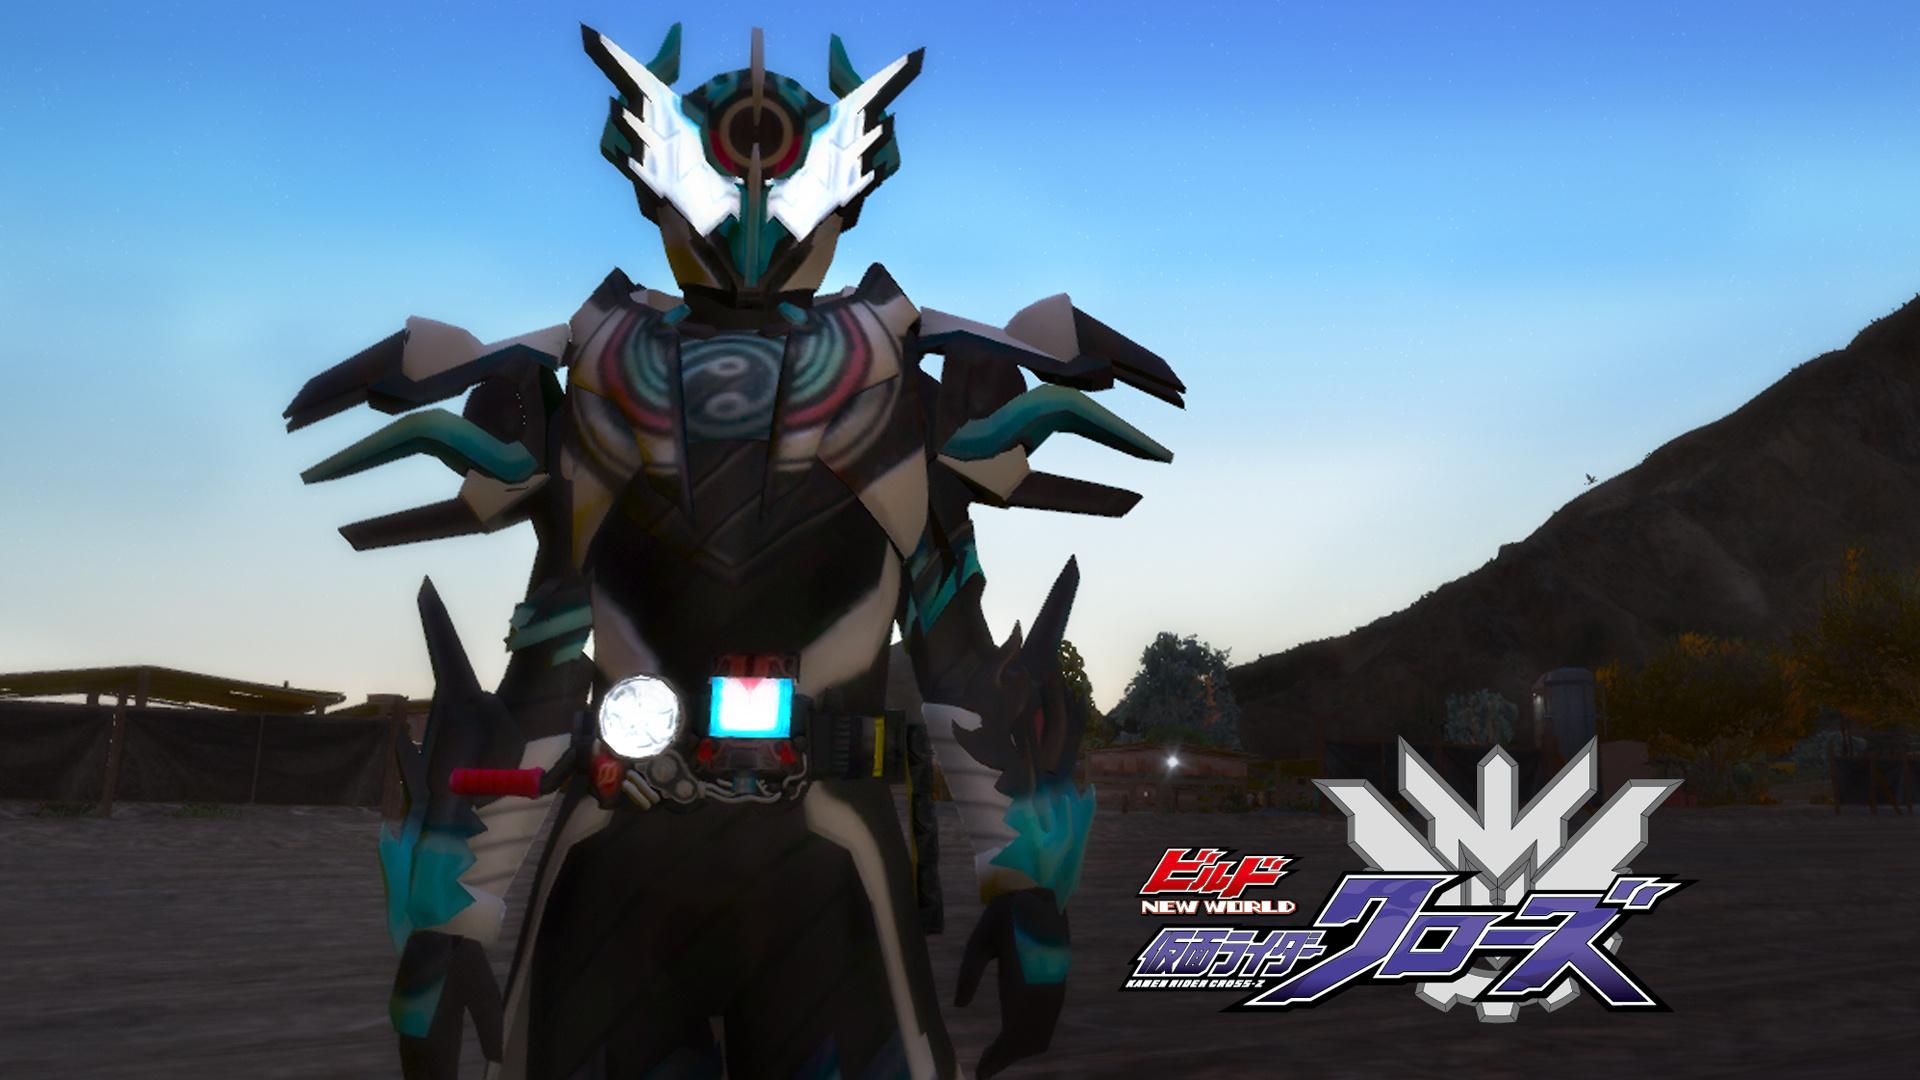 Kamen Rider Cross Z Evol Form Gta5 Mods Com